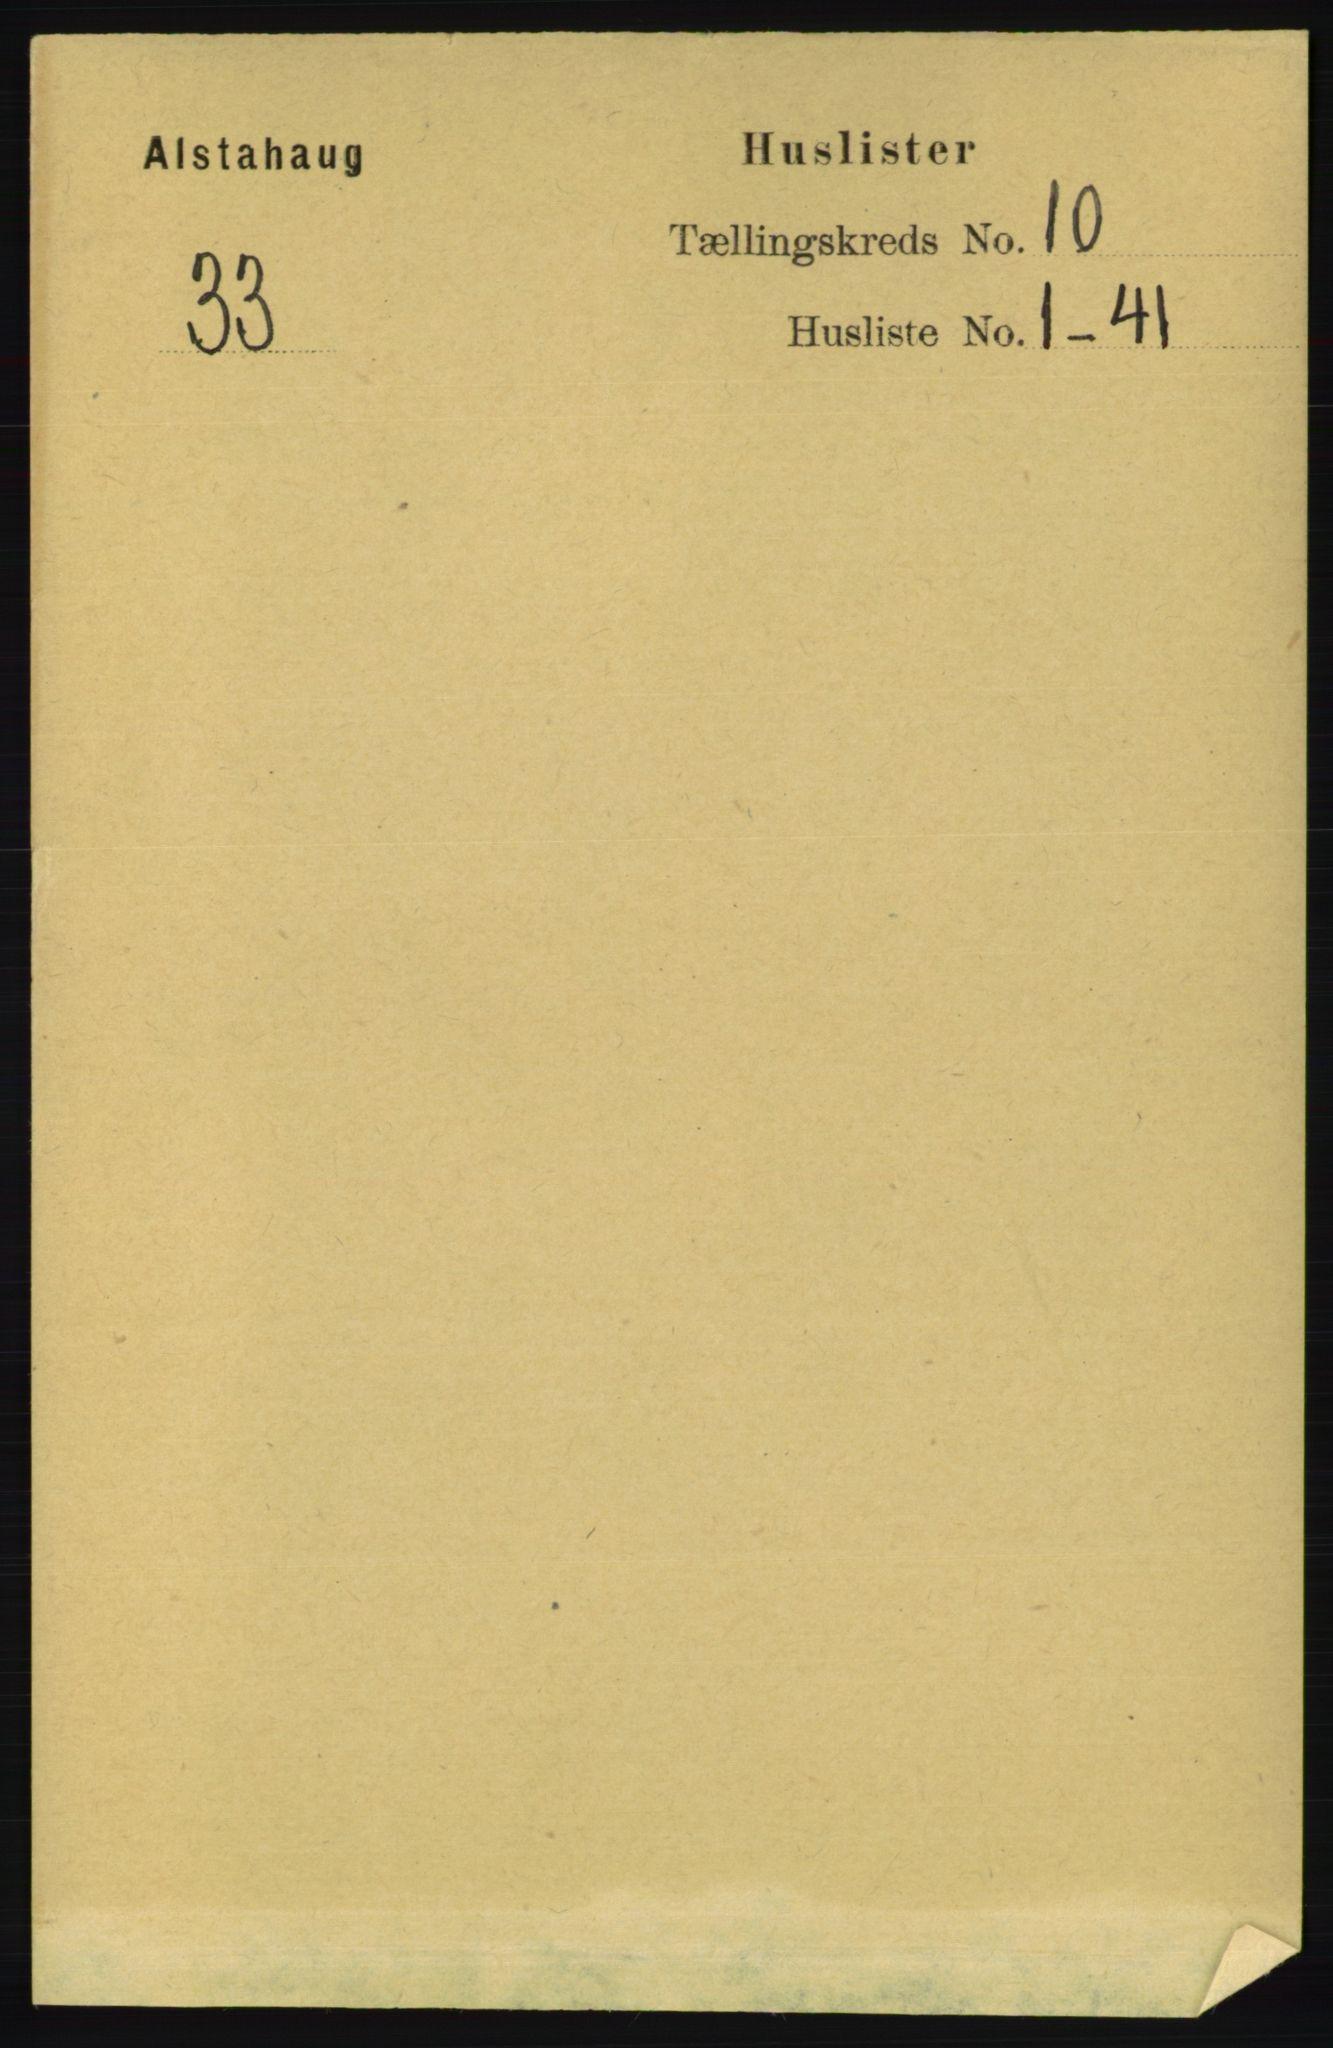 RA, Folketelling 1891 for 1820 Alstahaug herred, 1891, s. 3463